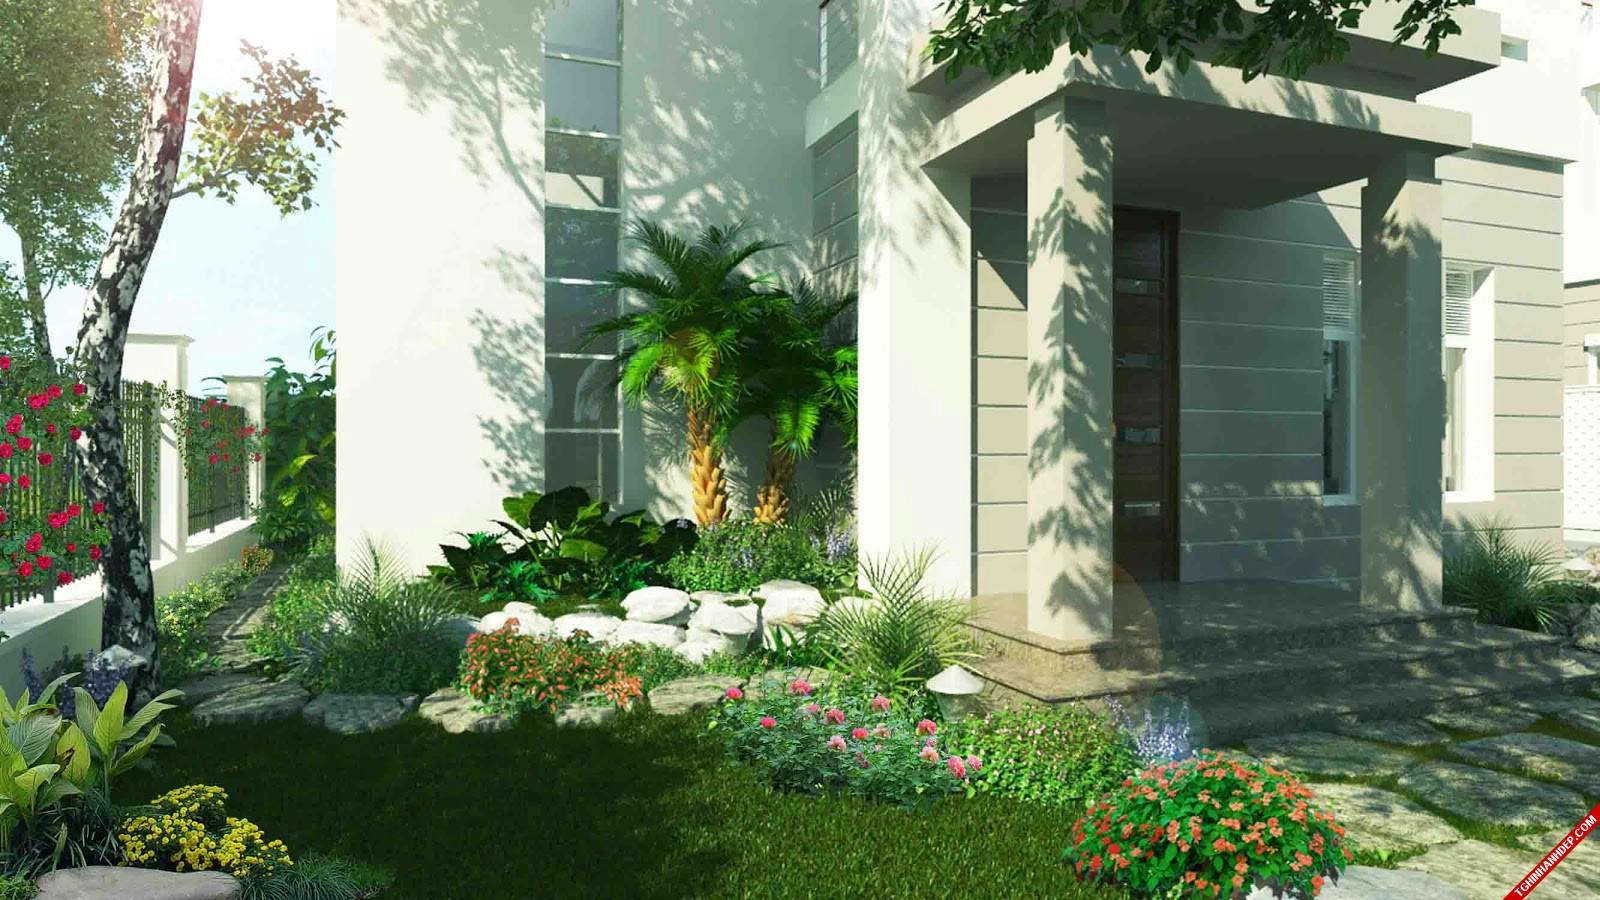 Nét đặc trưng riêng, thoáng mát với nhiều cây xanh được bố trí quanh nhà vườn